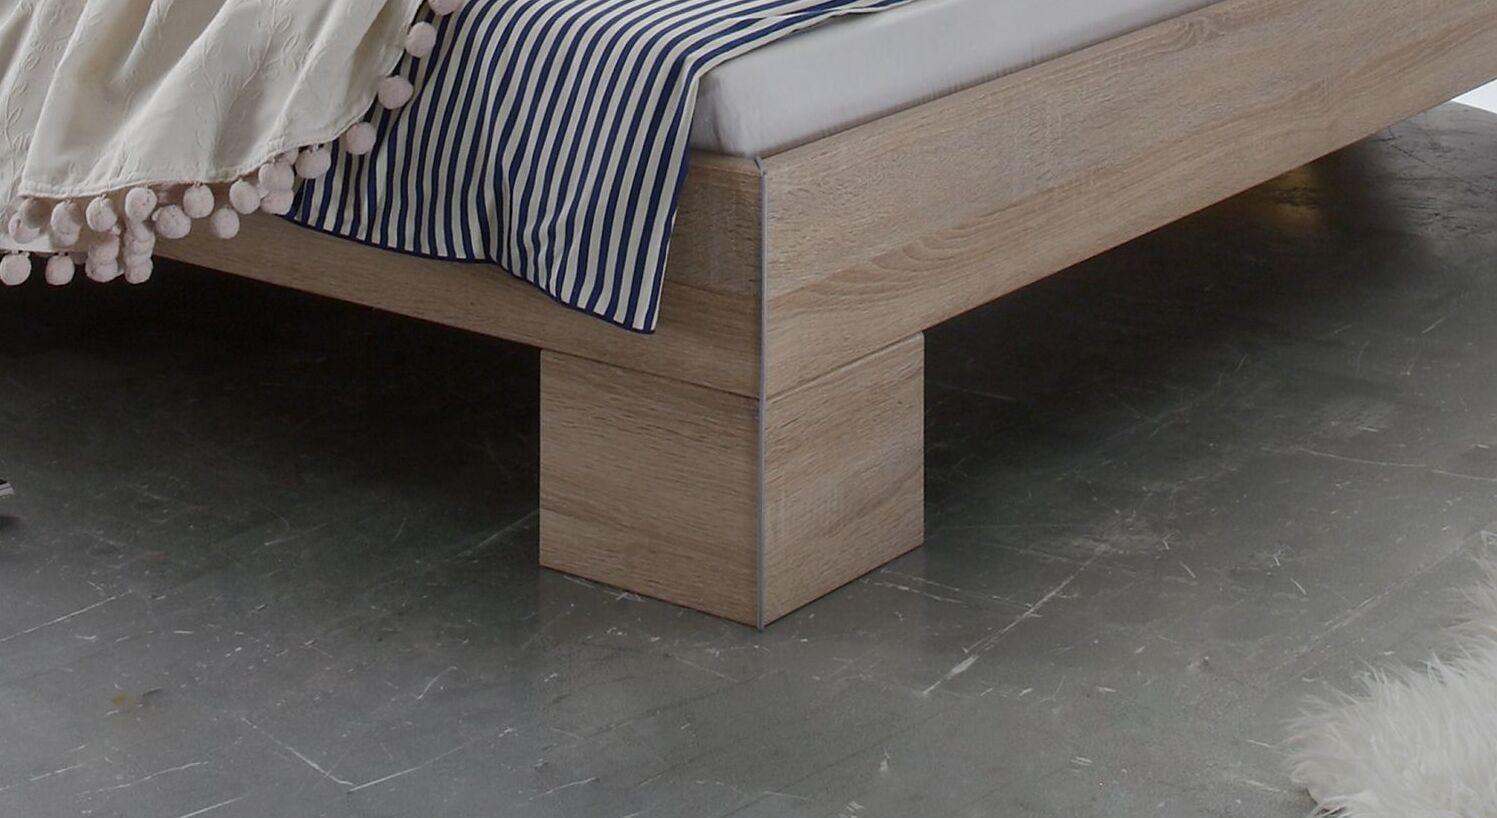 Bett Stephenville mit robusten Winkelblockfüßen